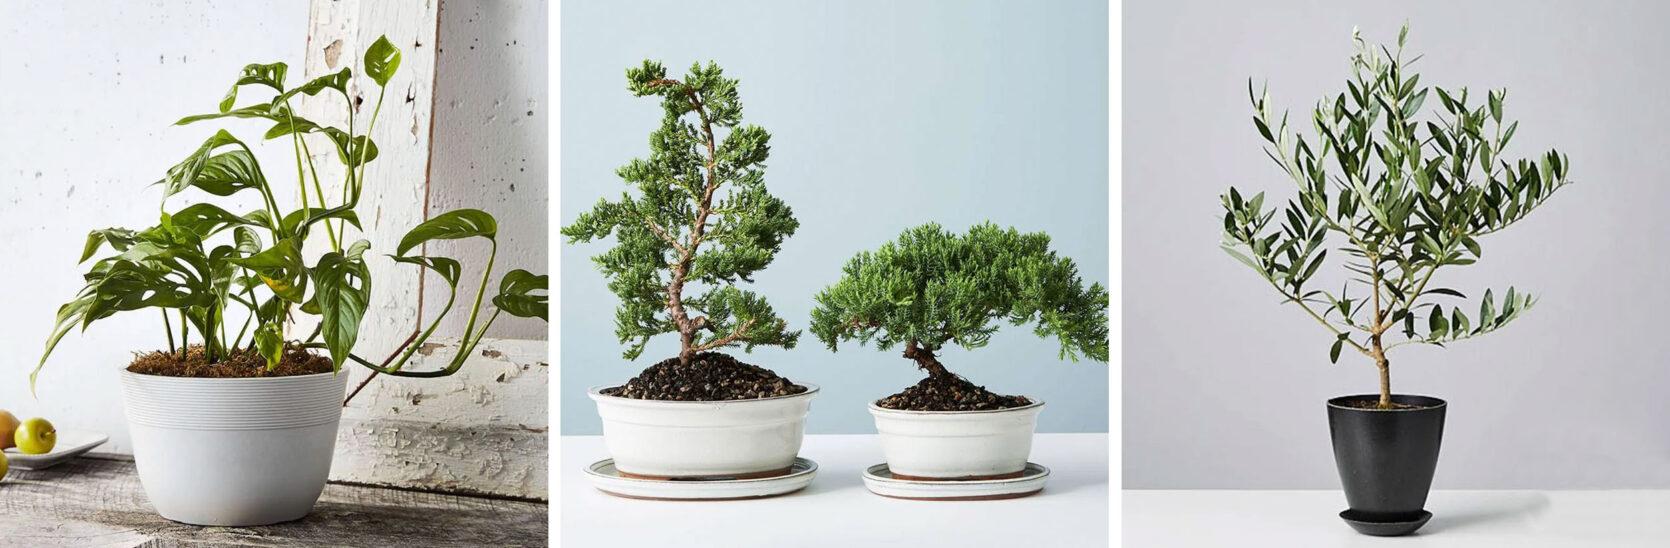 Emily Henderson Online Plant Guide Plantscom